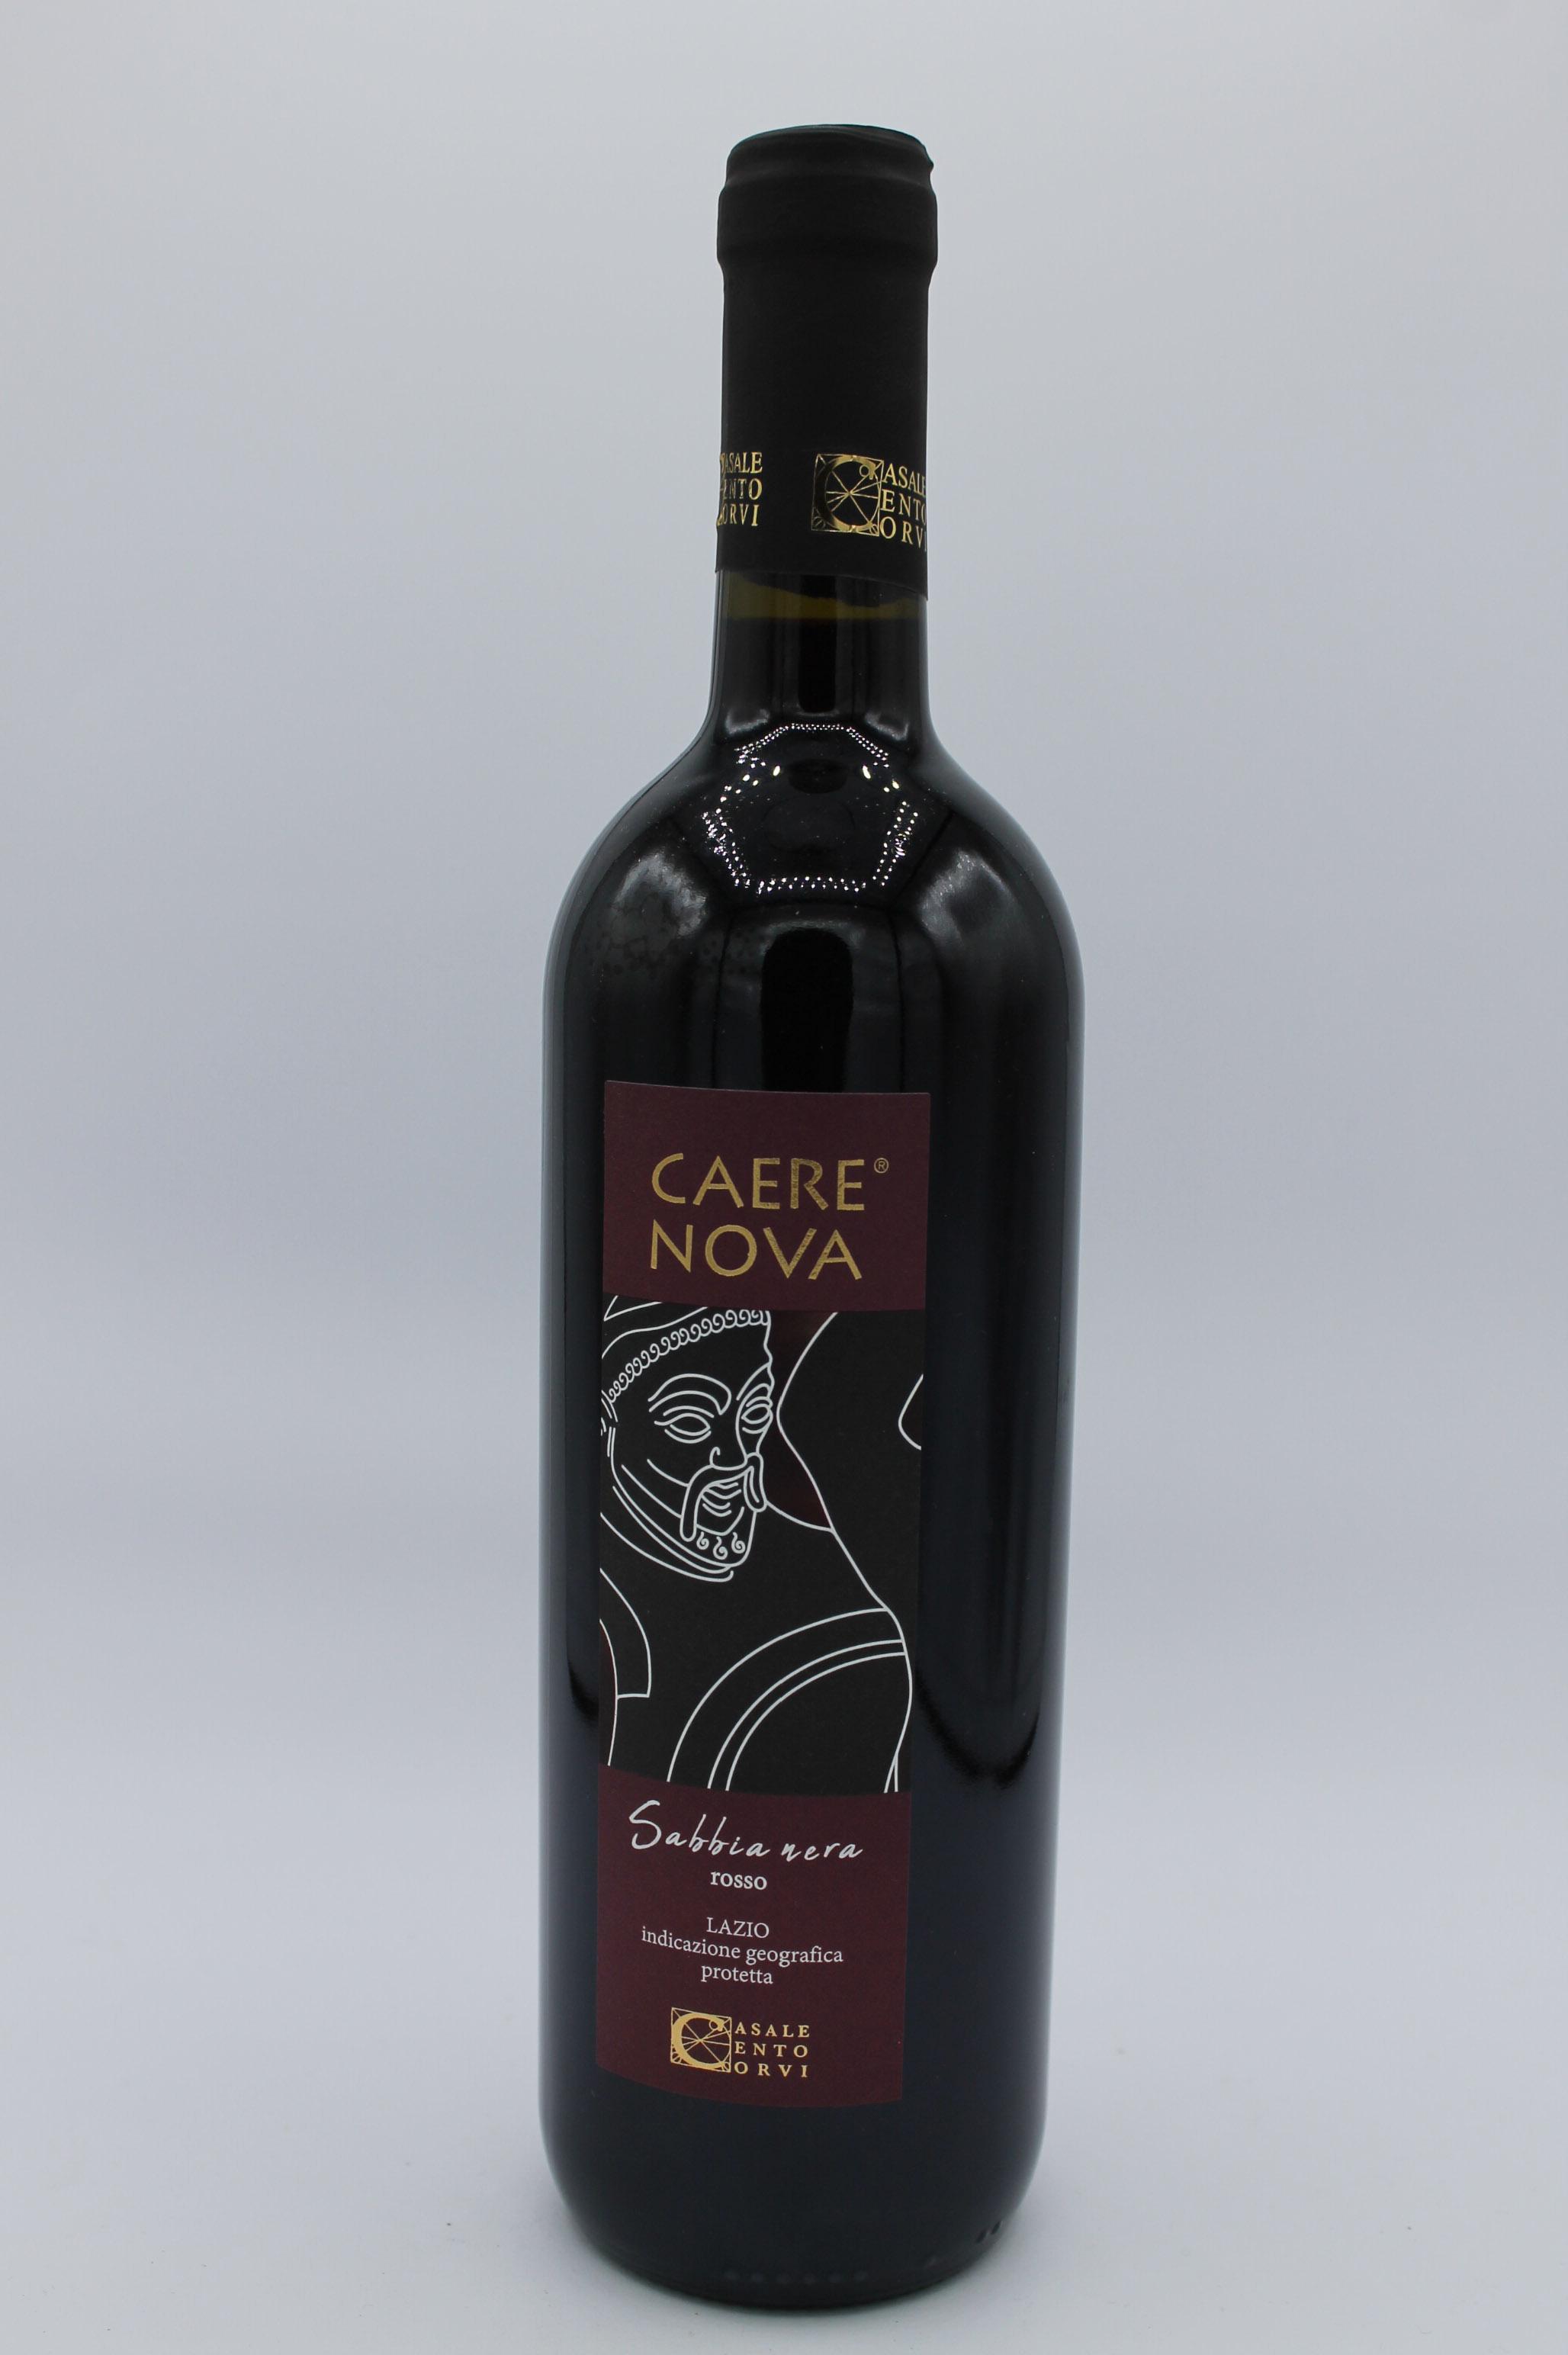 Caere Nova vino rosso sabbia nera IGP 750ml.